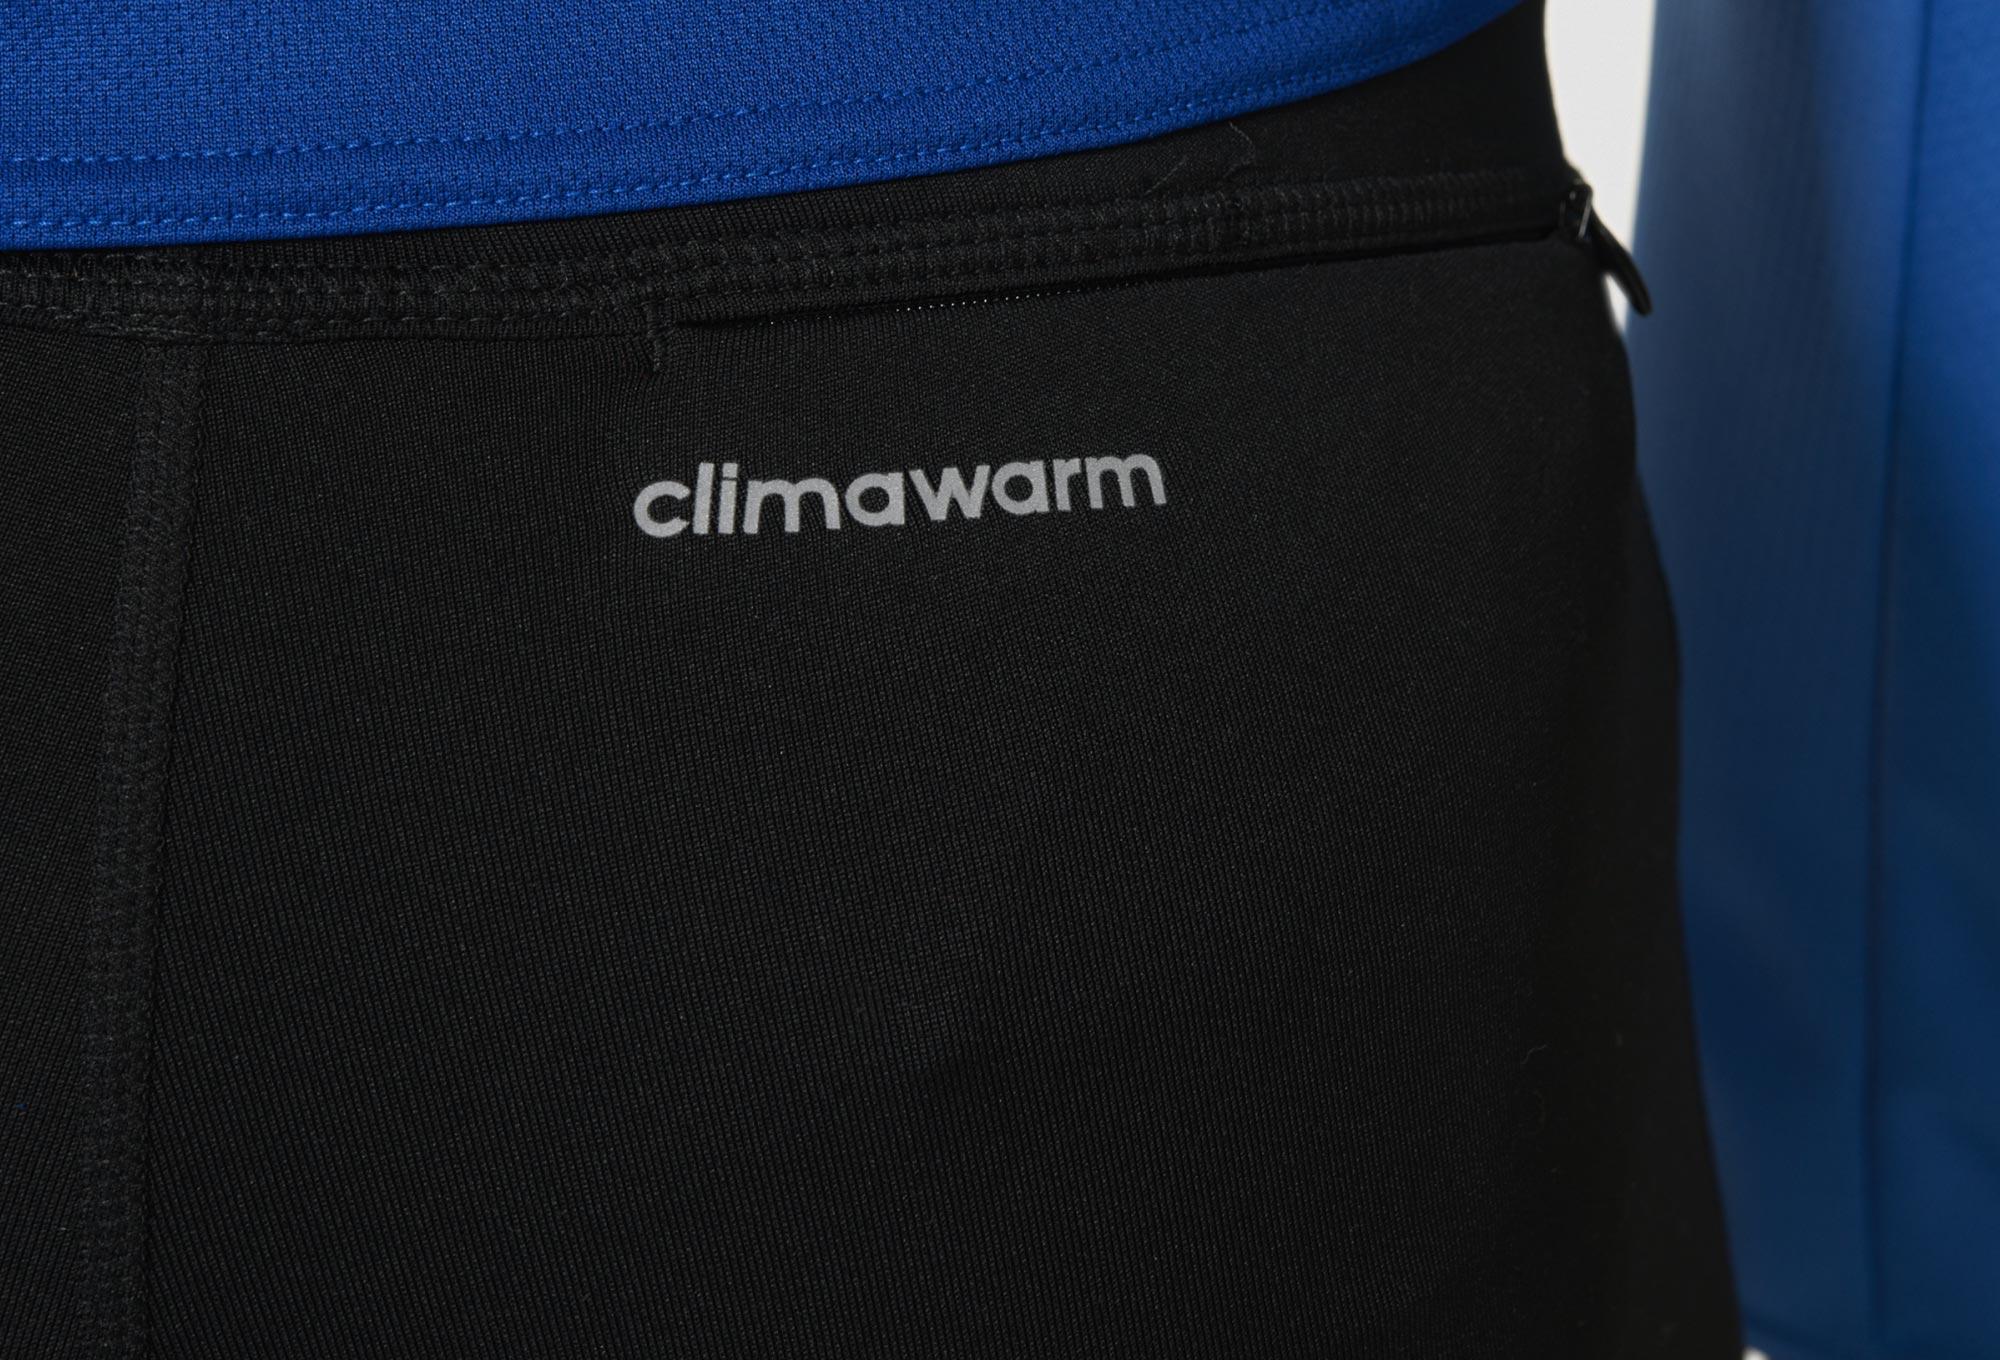 adidas Response Climawarm Tights (M)